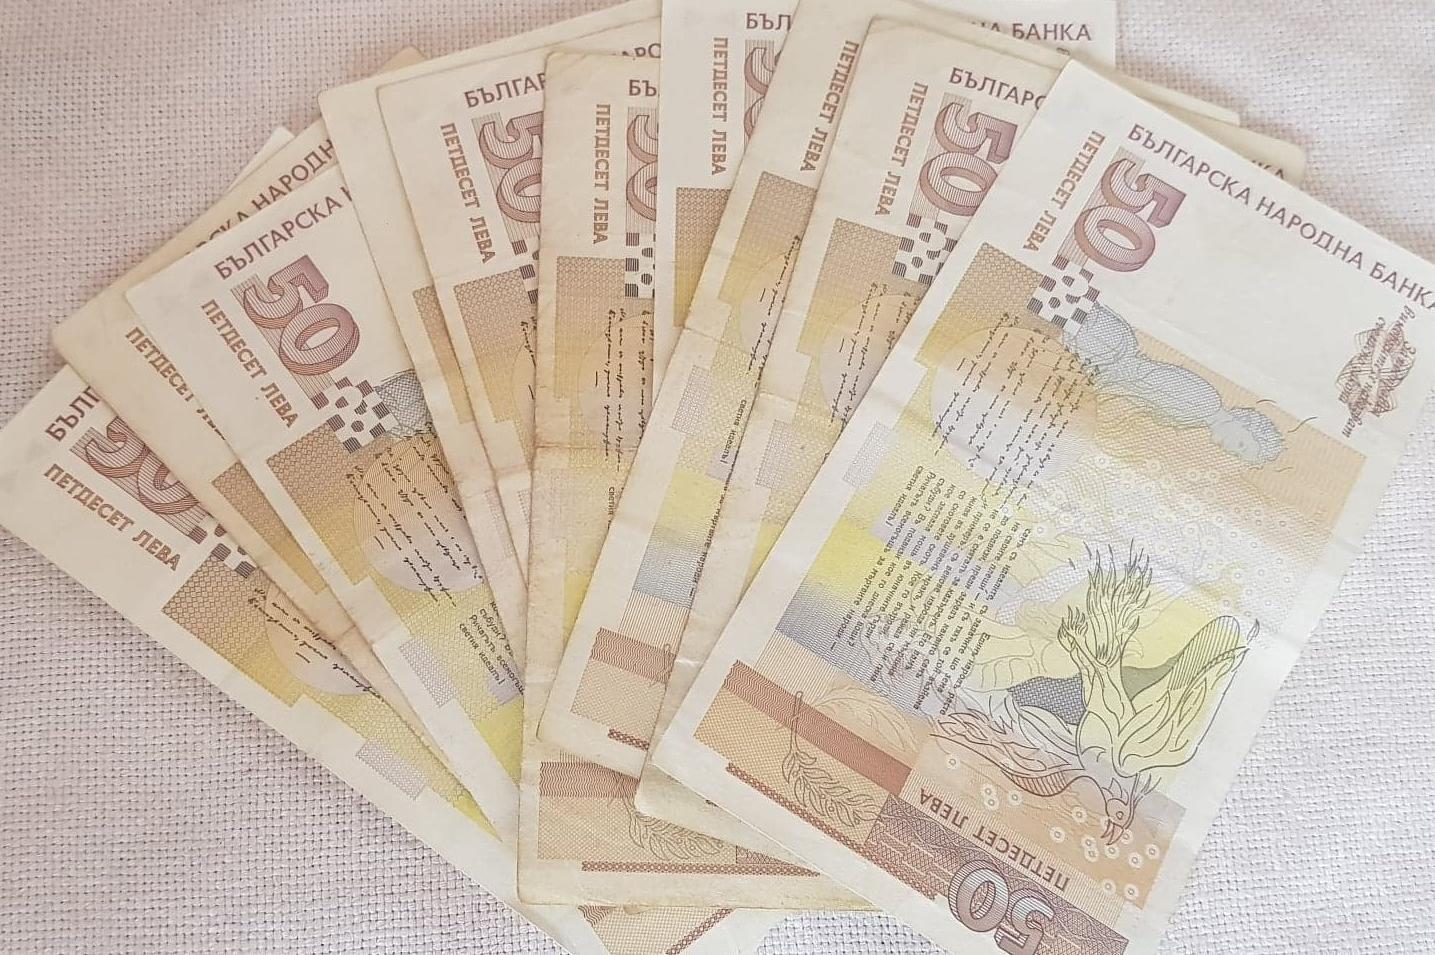 Подадени документи до 30 ноември: В София ще плащат такса смет според колич